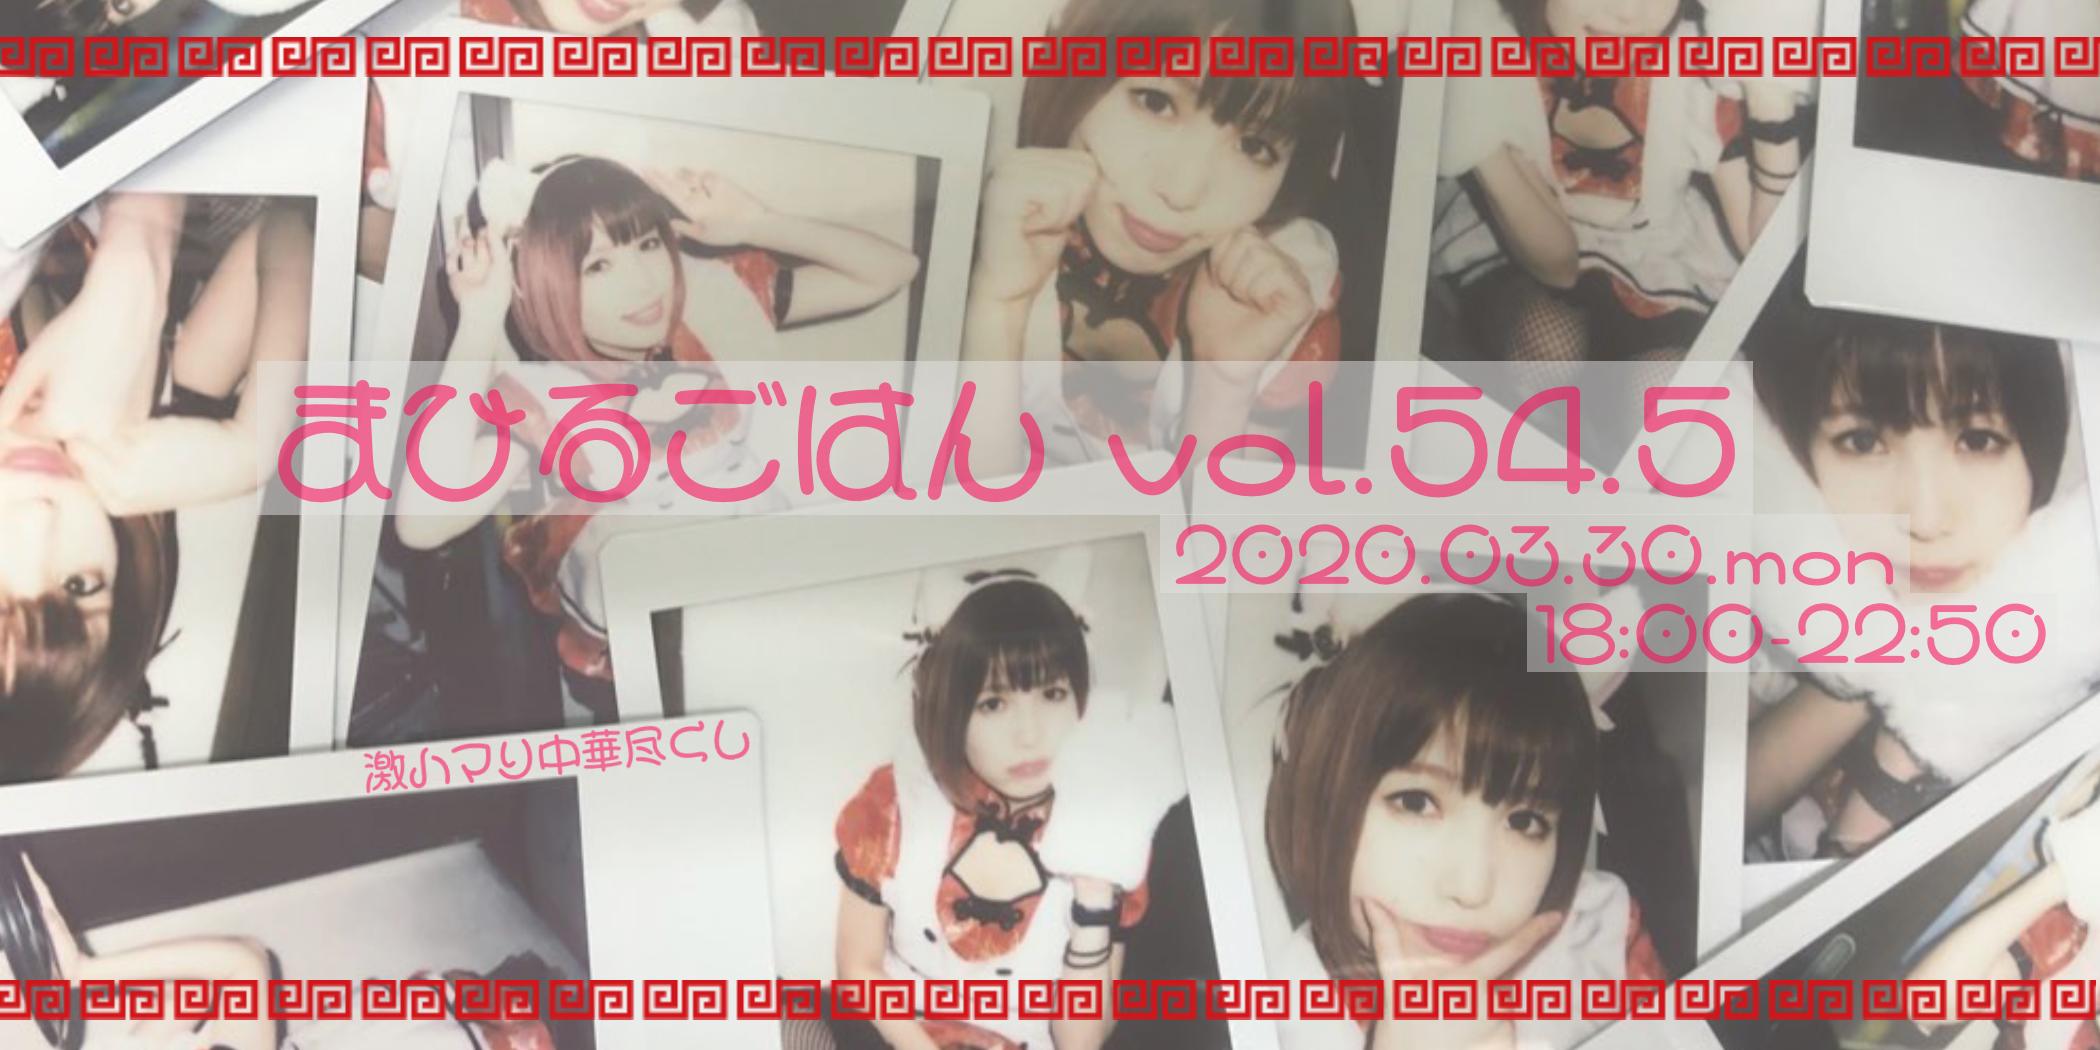 まひるごはん vol.54.5